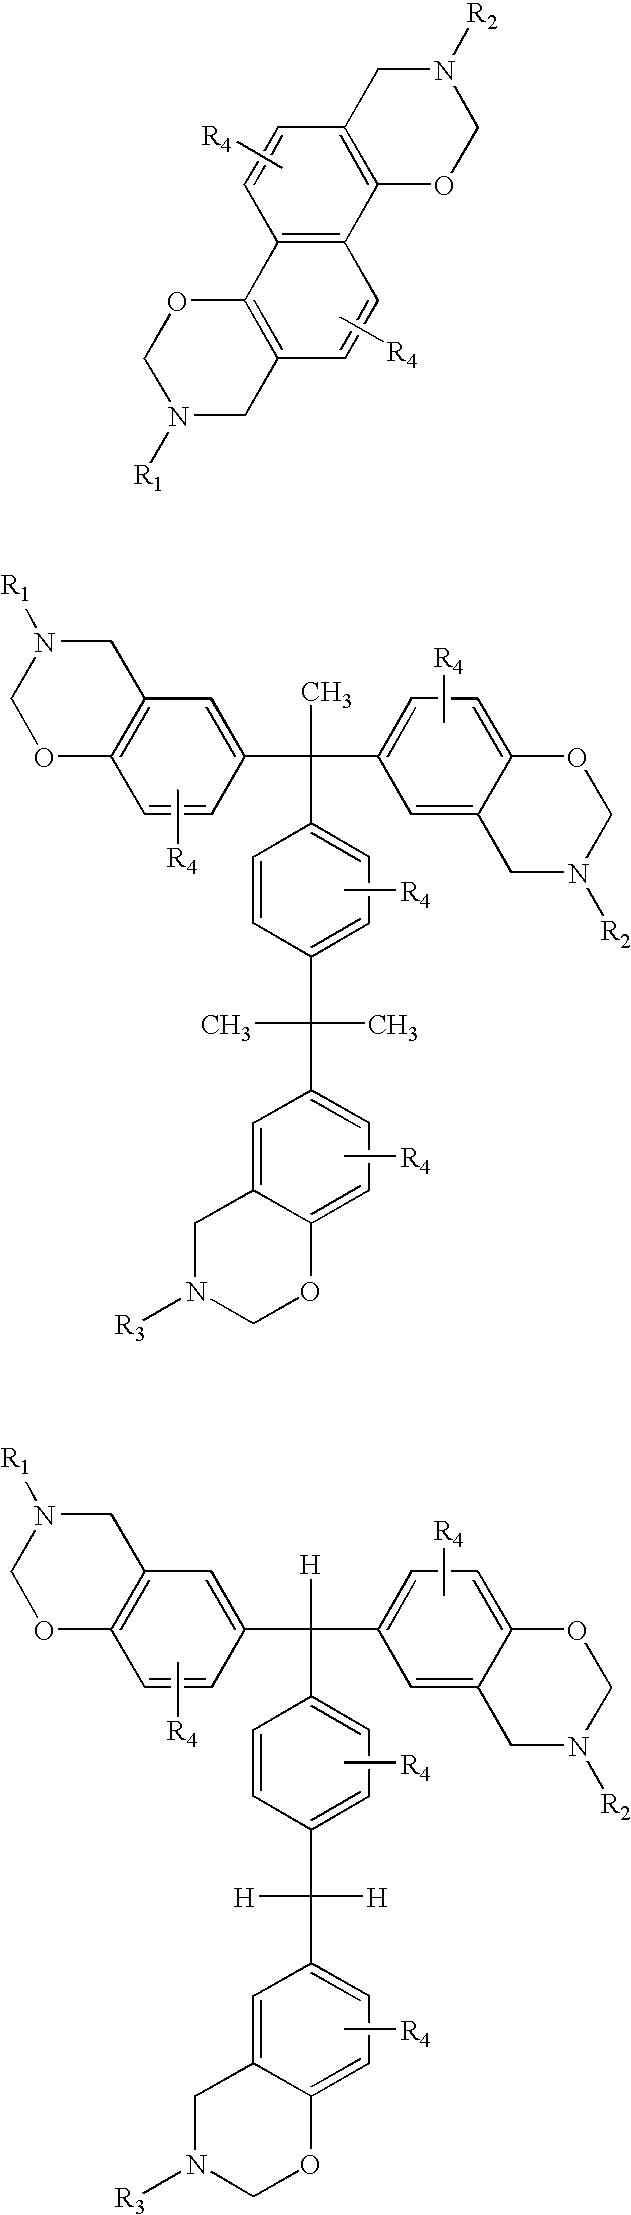 Figure US20060240261A1-20061026-C00010